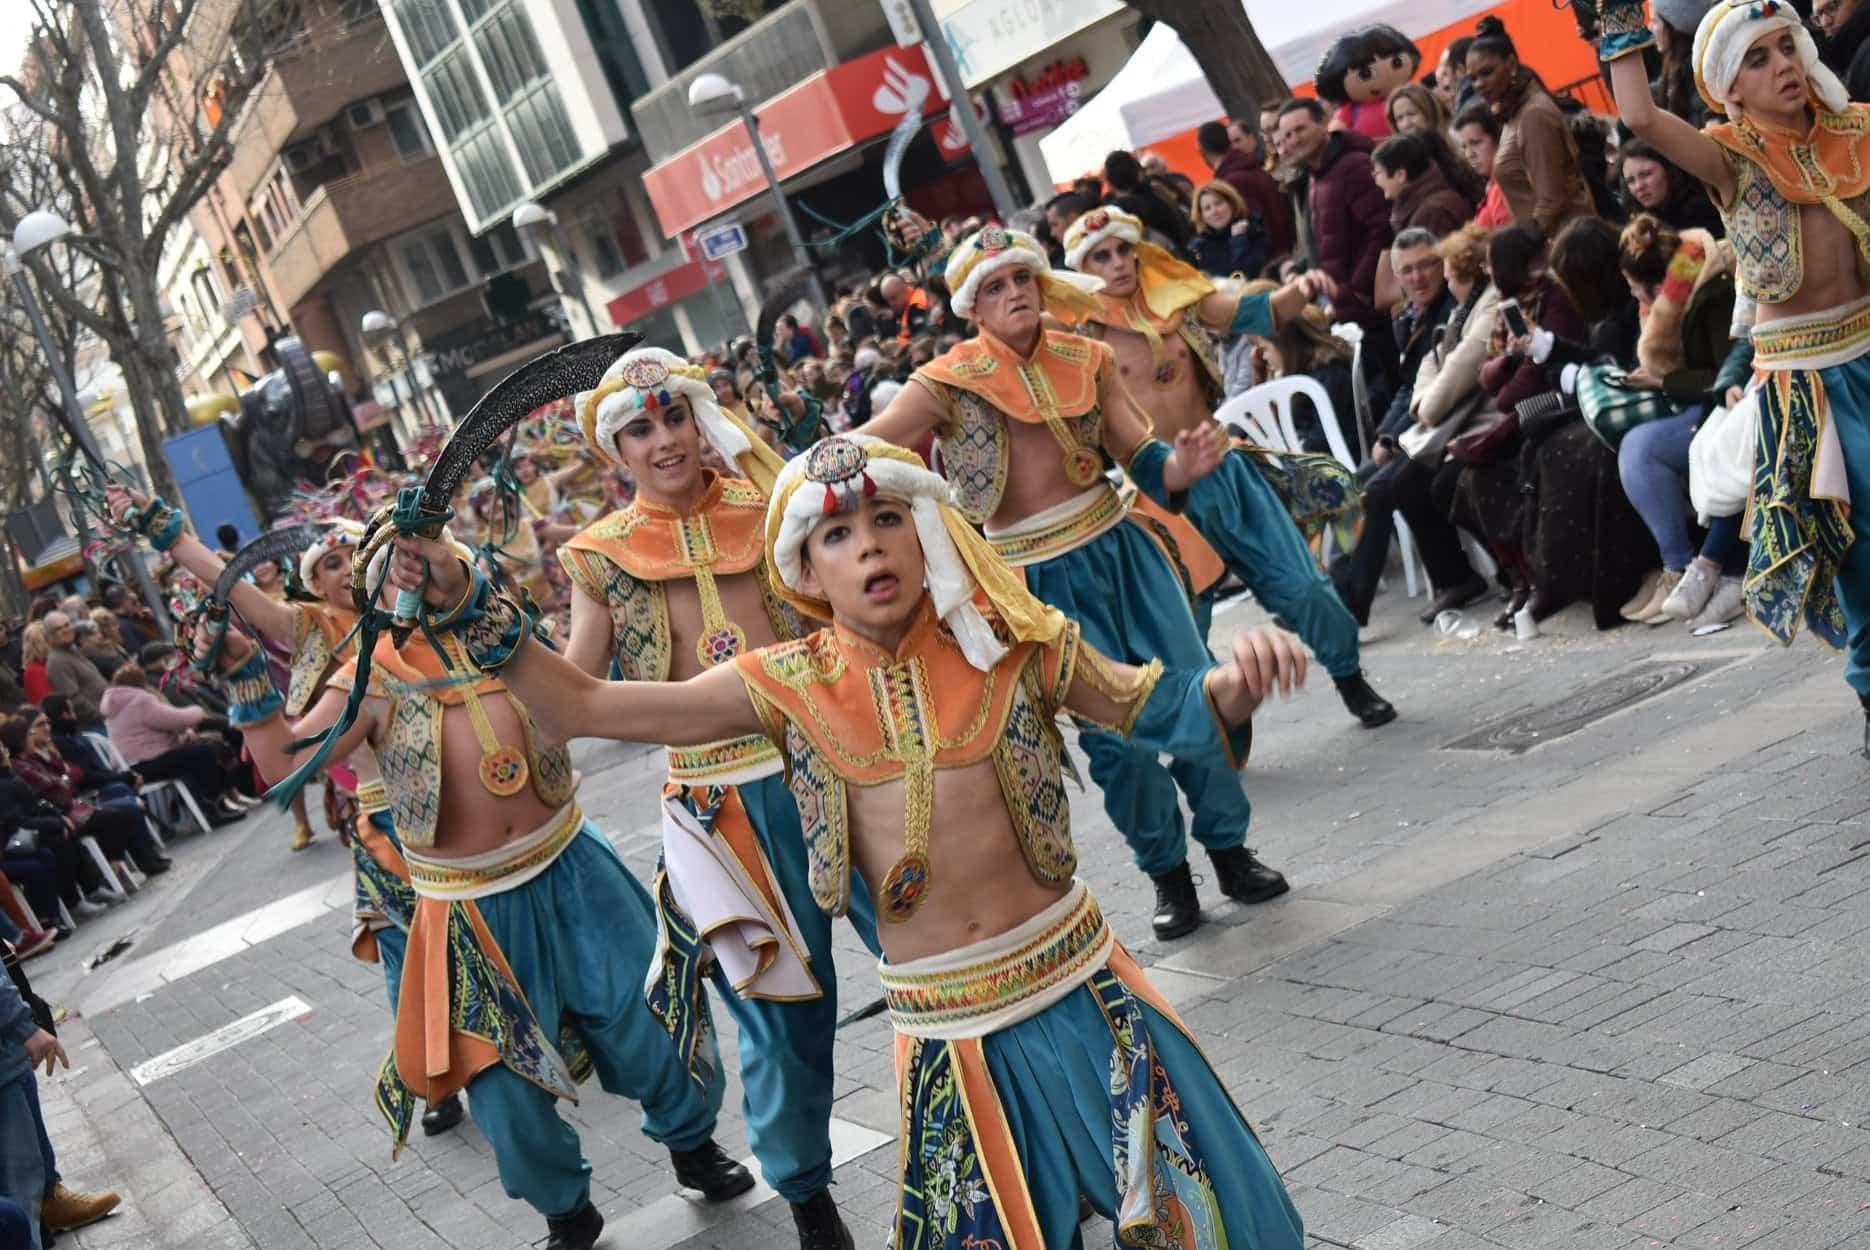 Carnaval de ciudad real 2020 axonsou arlequin oro herencia 8 - Axonsou se lleva el Arlequín de Oro en Ciudad Real